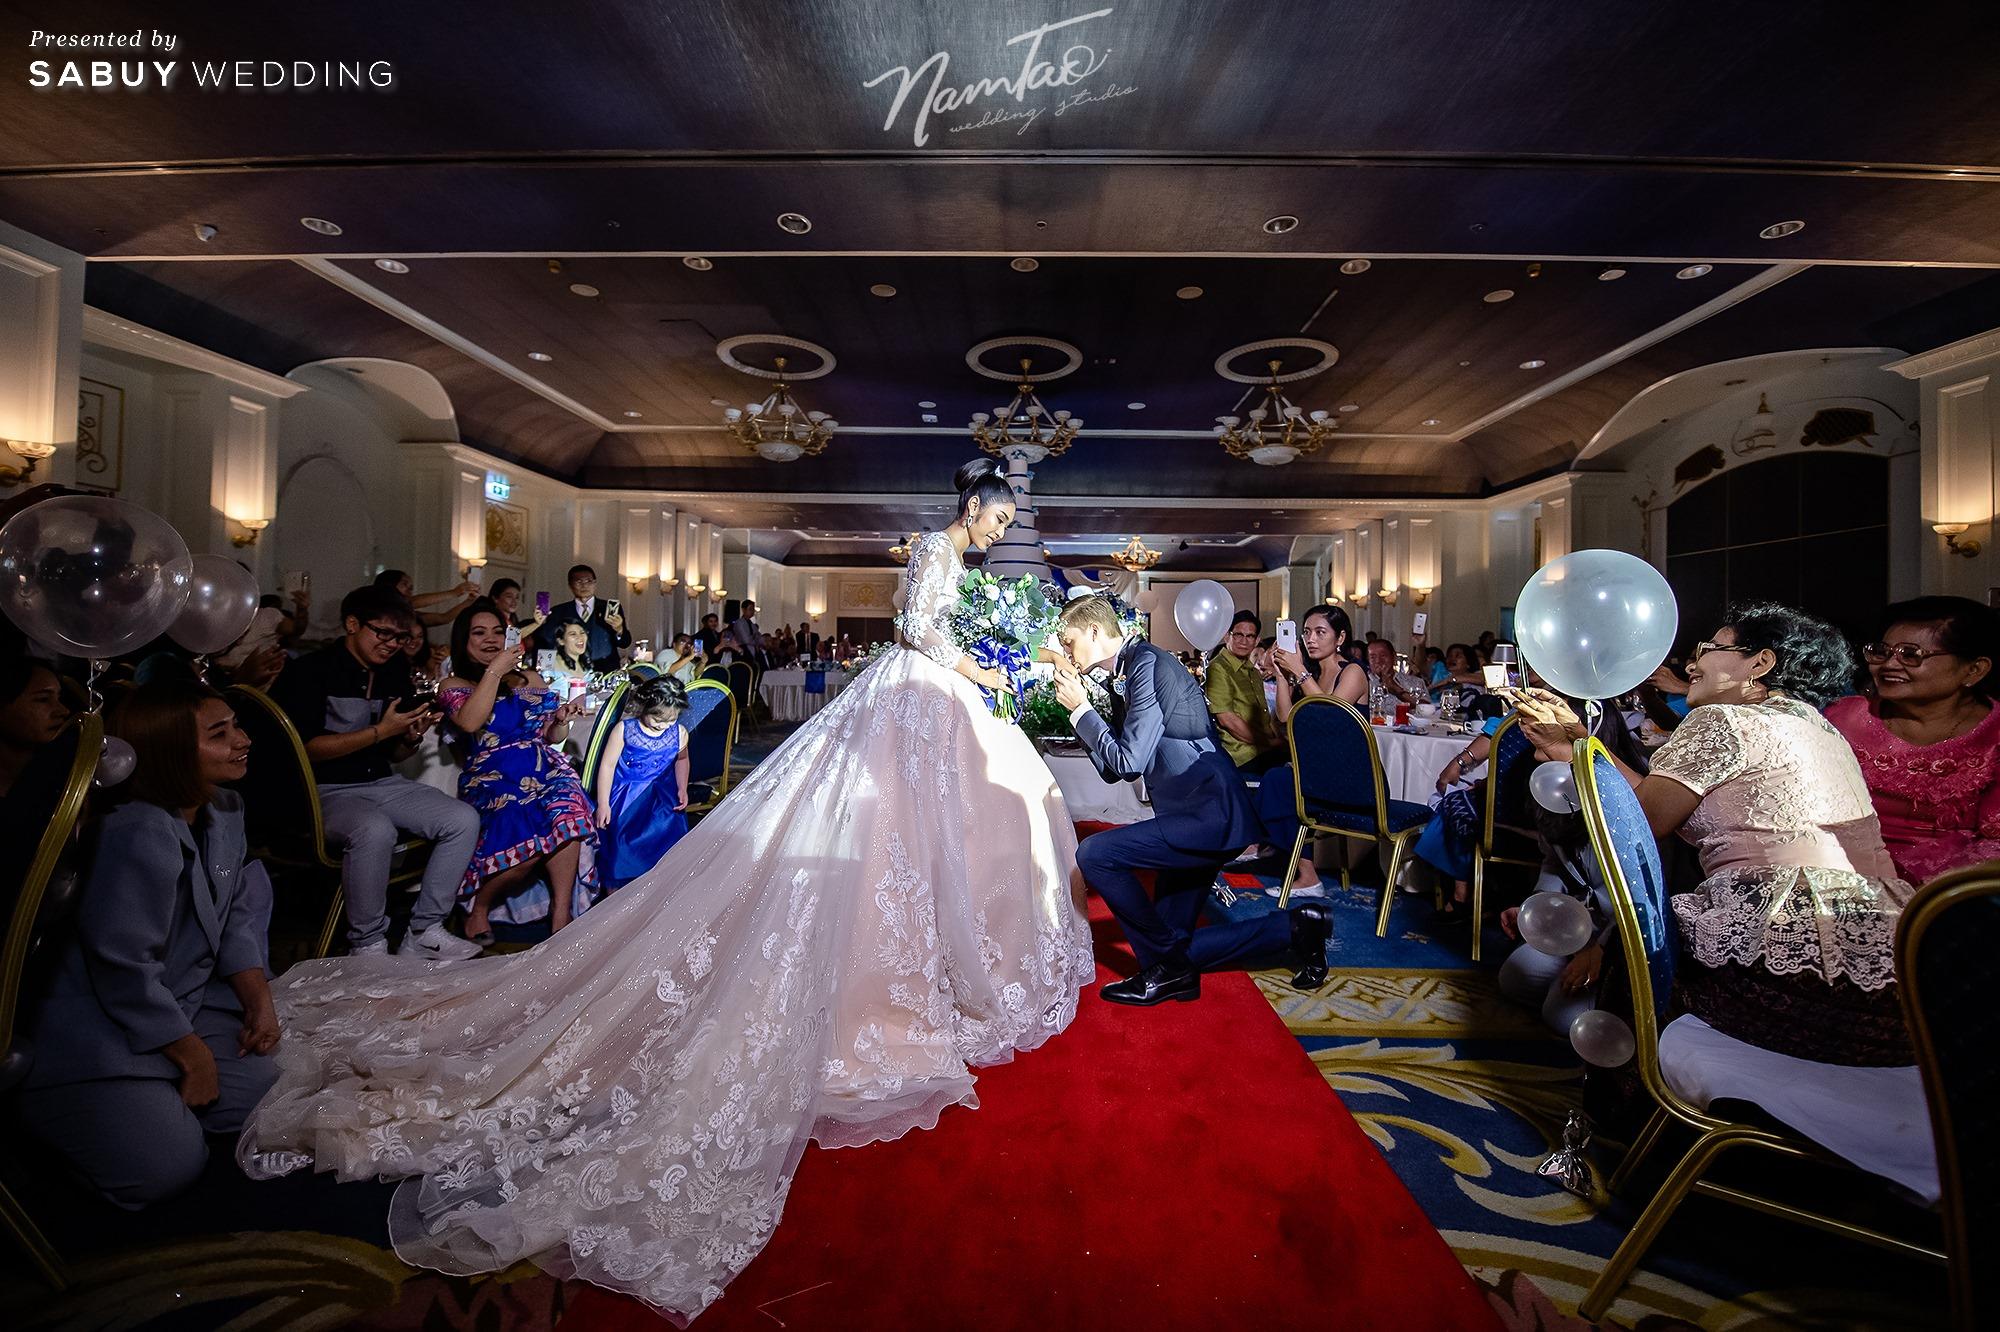 เจ้าบ่าว,เจ้าสาว,งานแต่งงาน,สถานที่แต่งงาน รีวิวงานแต่งสองวัฒนธรรม สวยปัง ดูคลาสสิก @ Impact Muang Thong Thani